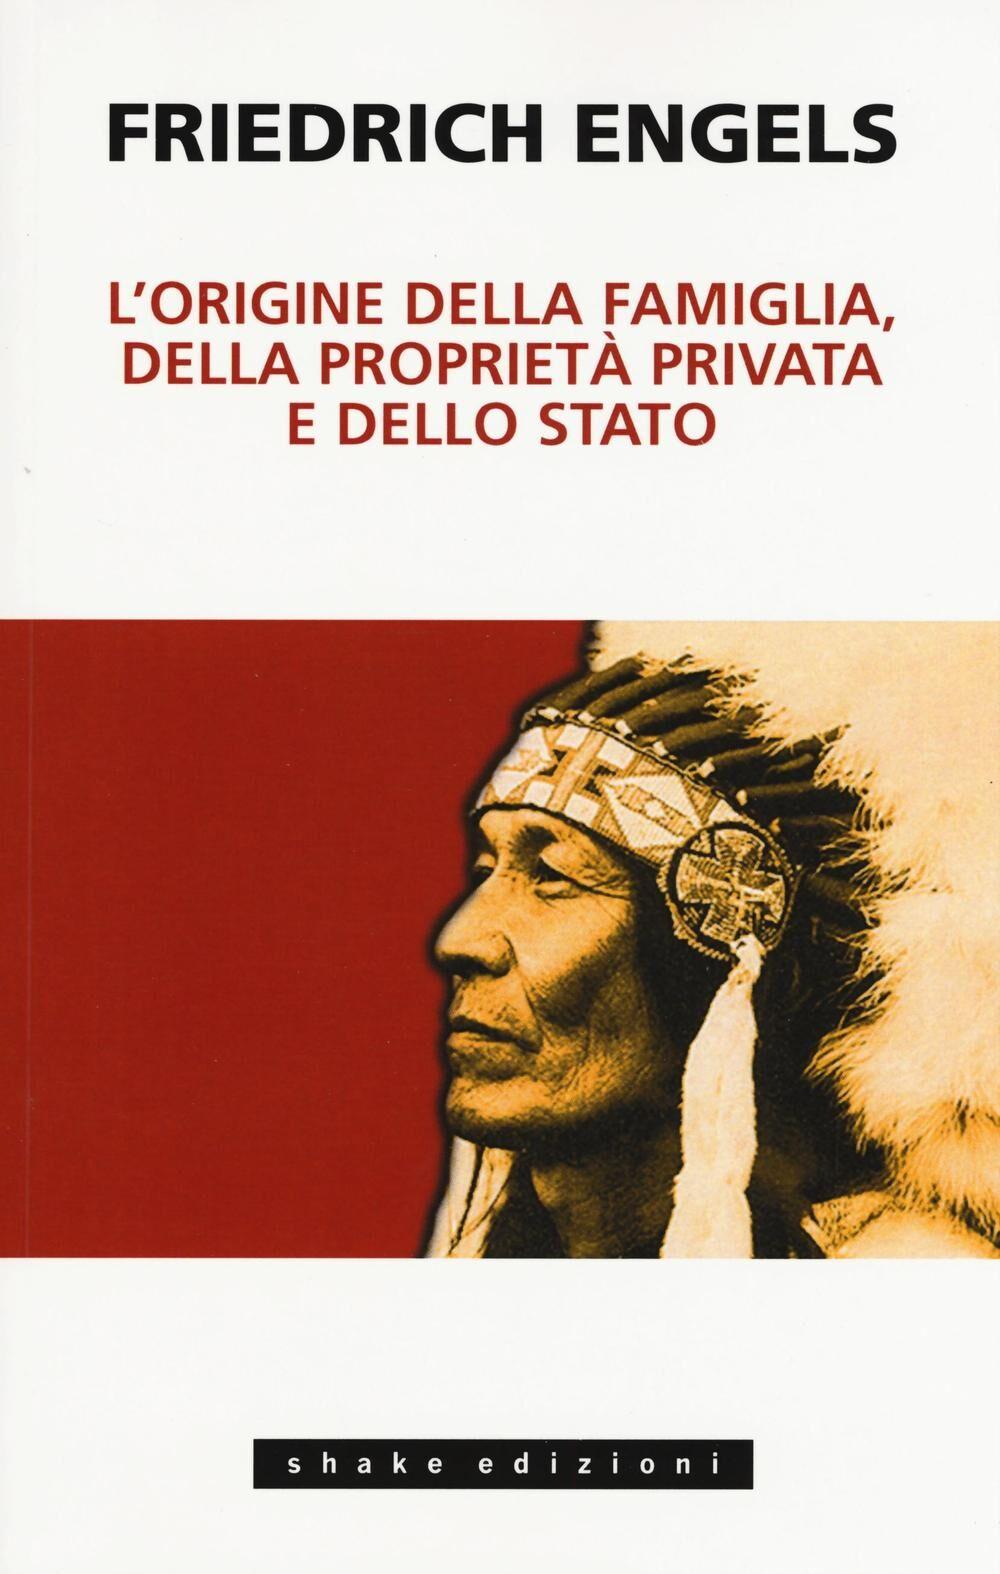 L' origine della famiglia, della proprietà privata e dello Stato